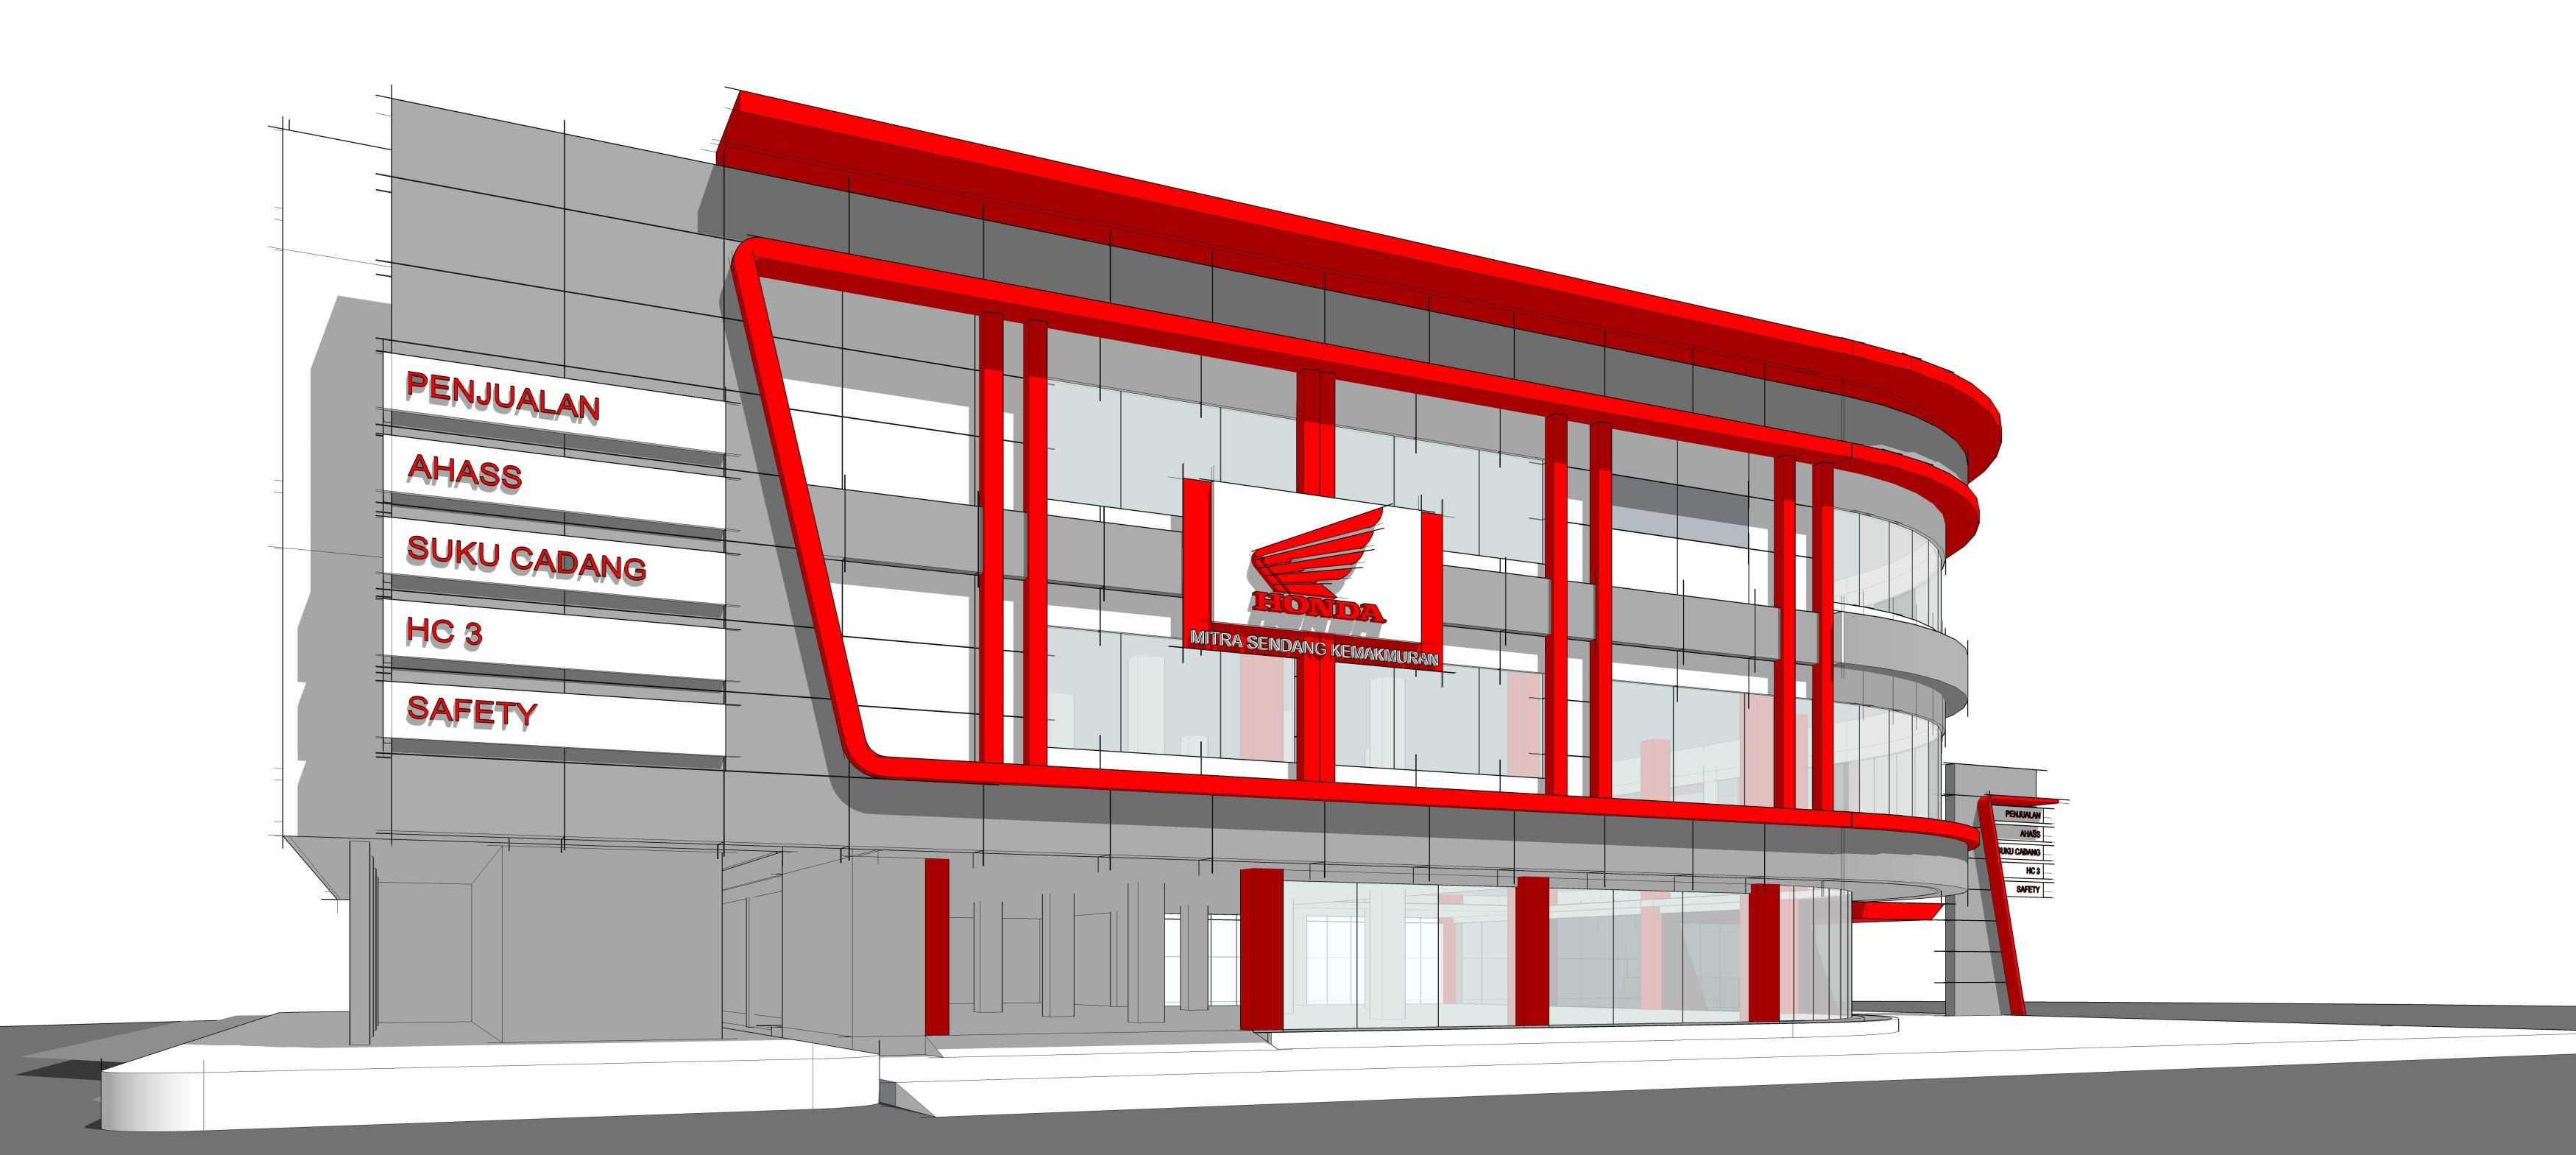 Gubah Ruang Honda Msk Showroom Serang, Banten, Indonesia Serang, Banten, Indonesia Exterior View   50849